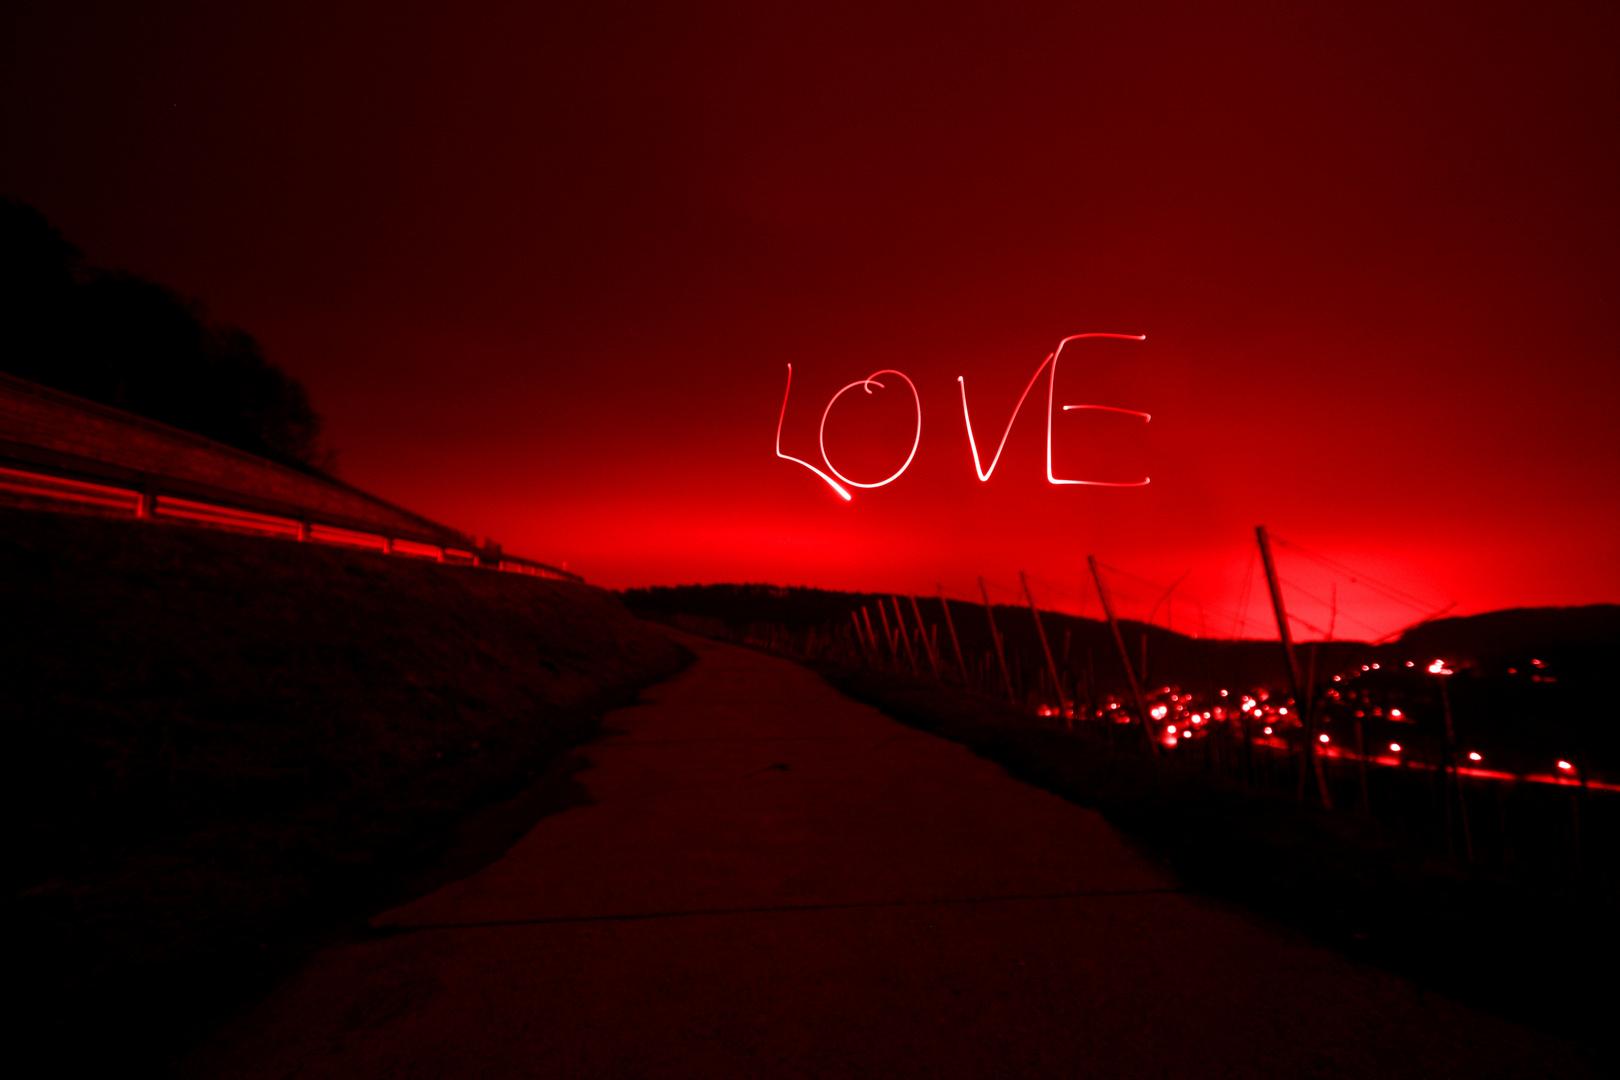 ..ohne liebe kein leben...